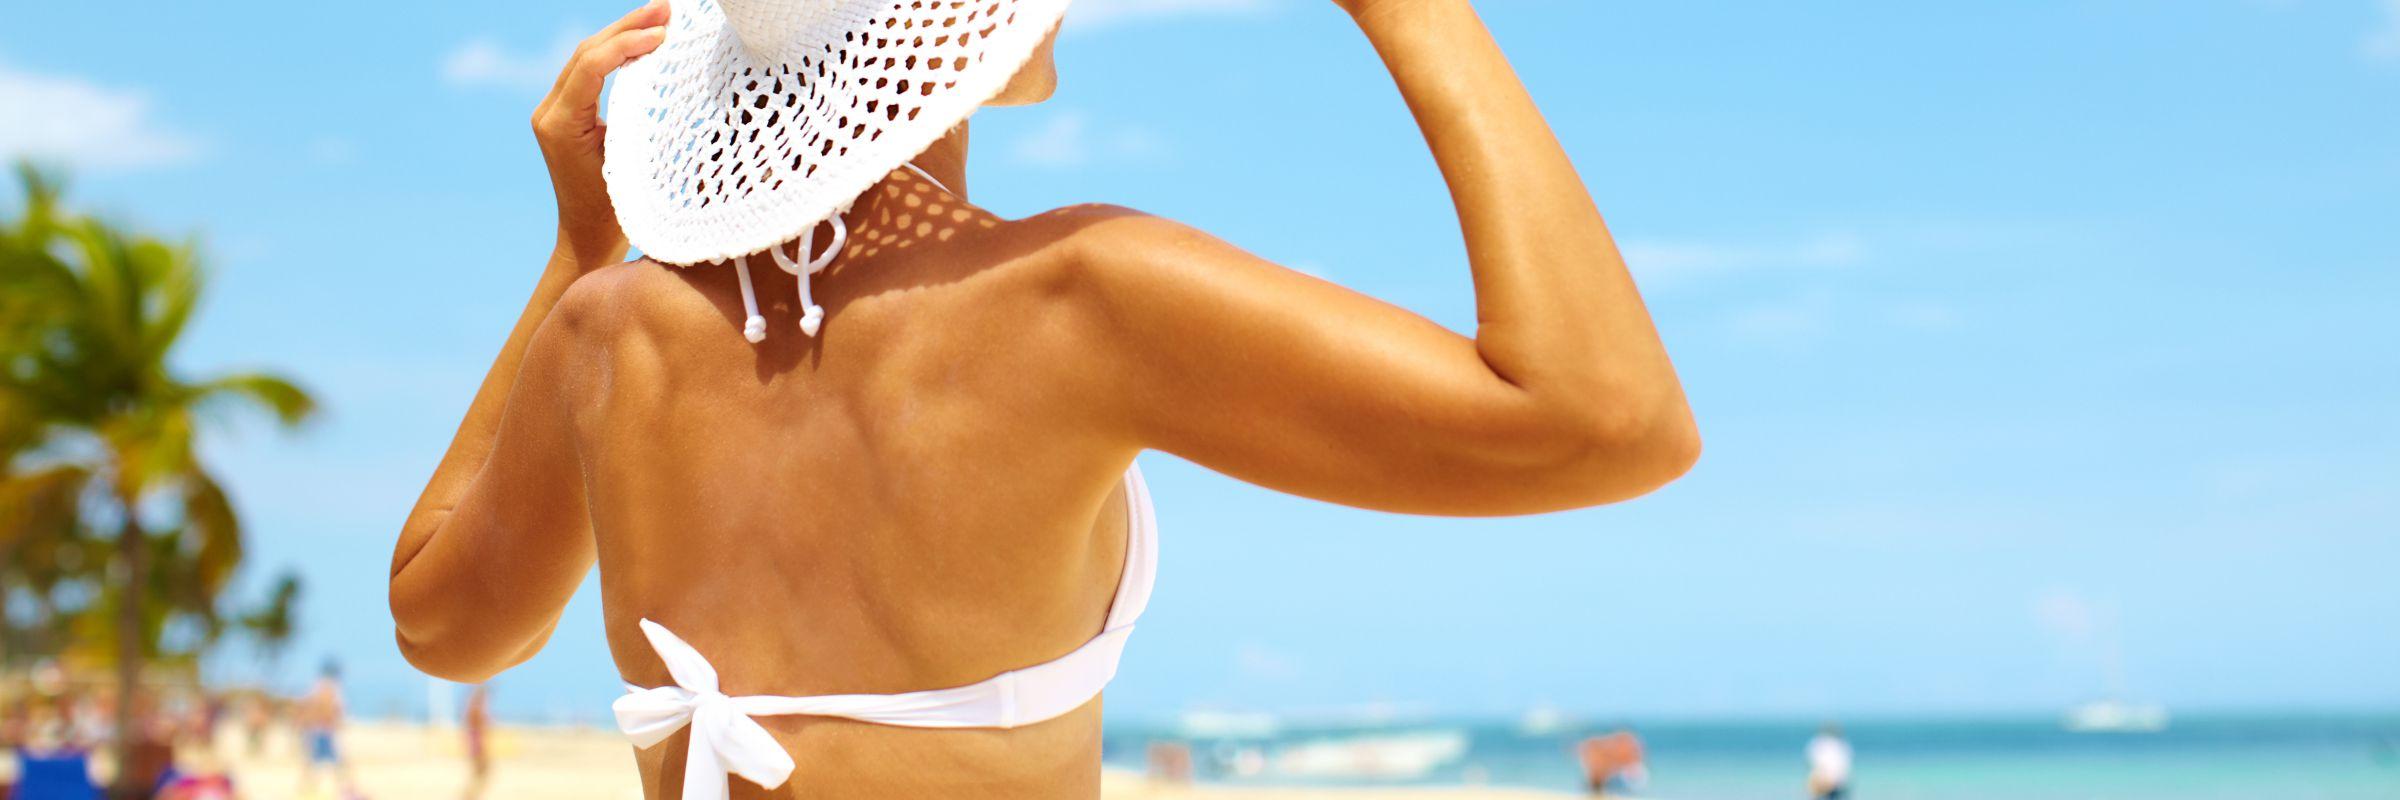 Zaštita kože od UVA/UVB sunčevih zraka i nega posle sunčanja